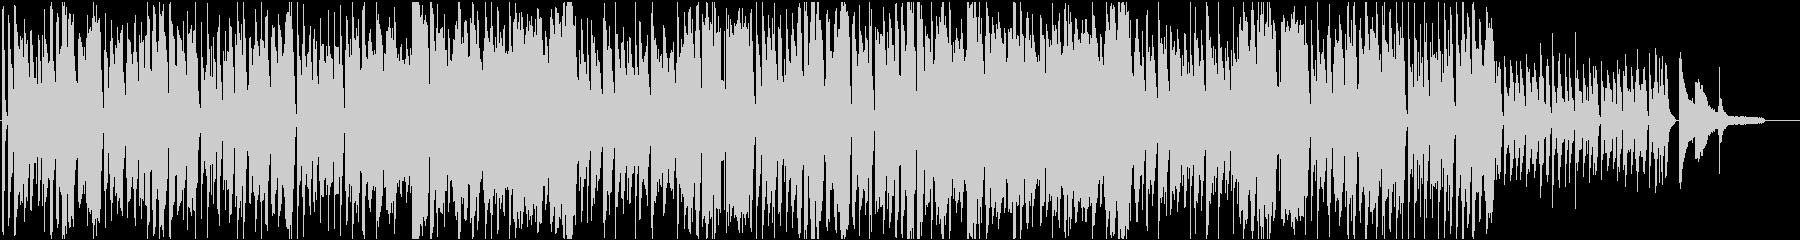 映像BGM ほのぼの優しいサウンドの未再生の波形